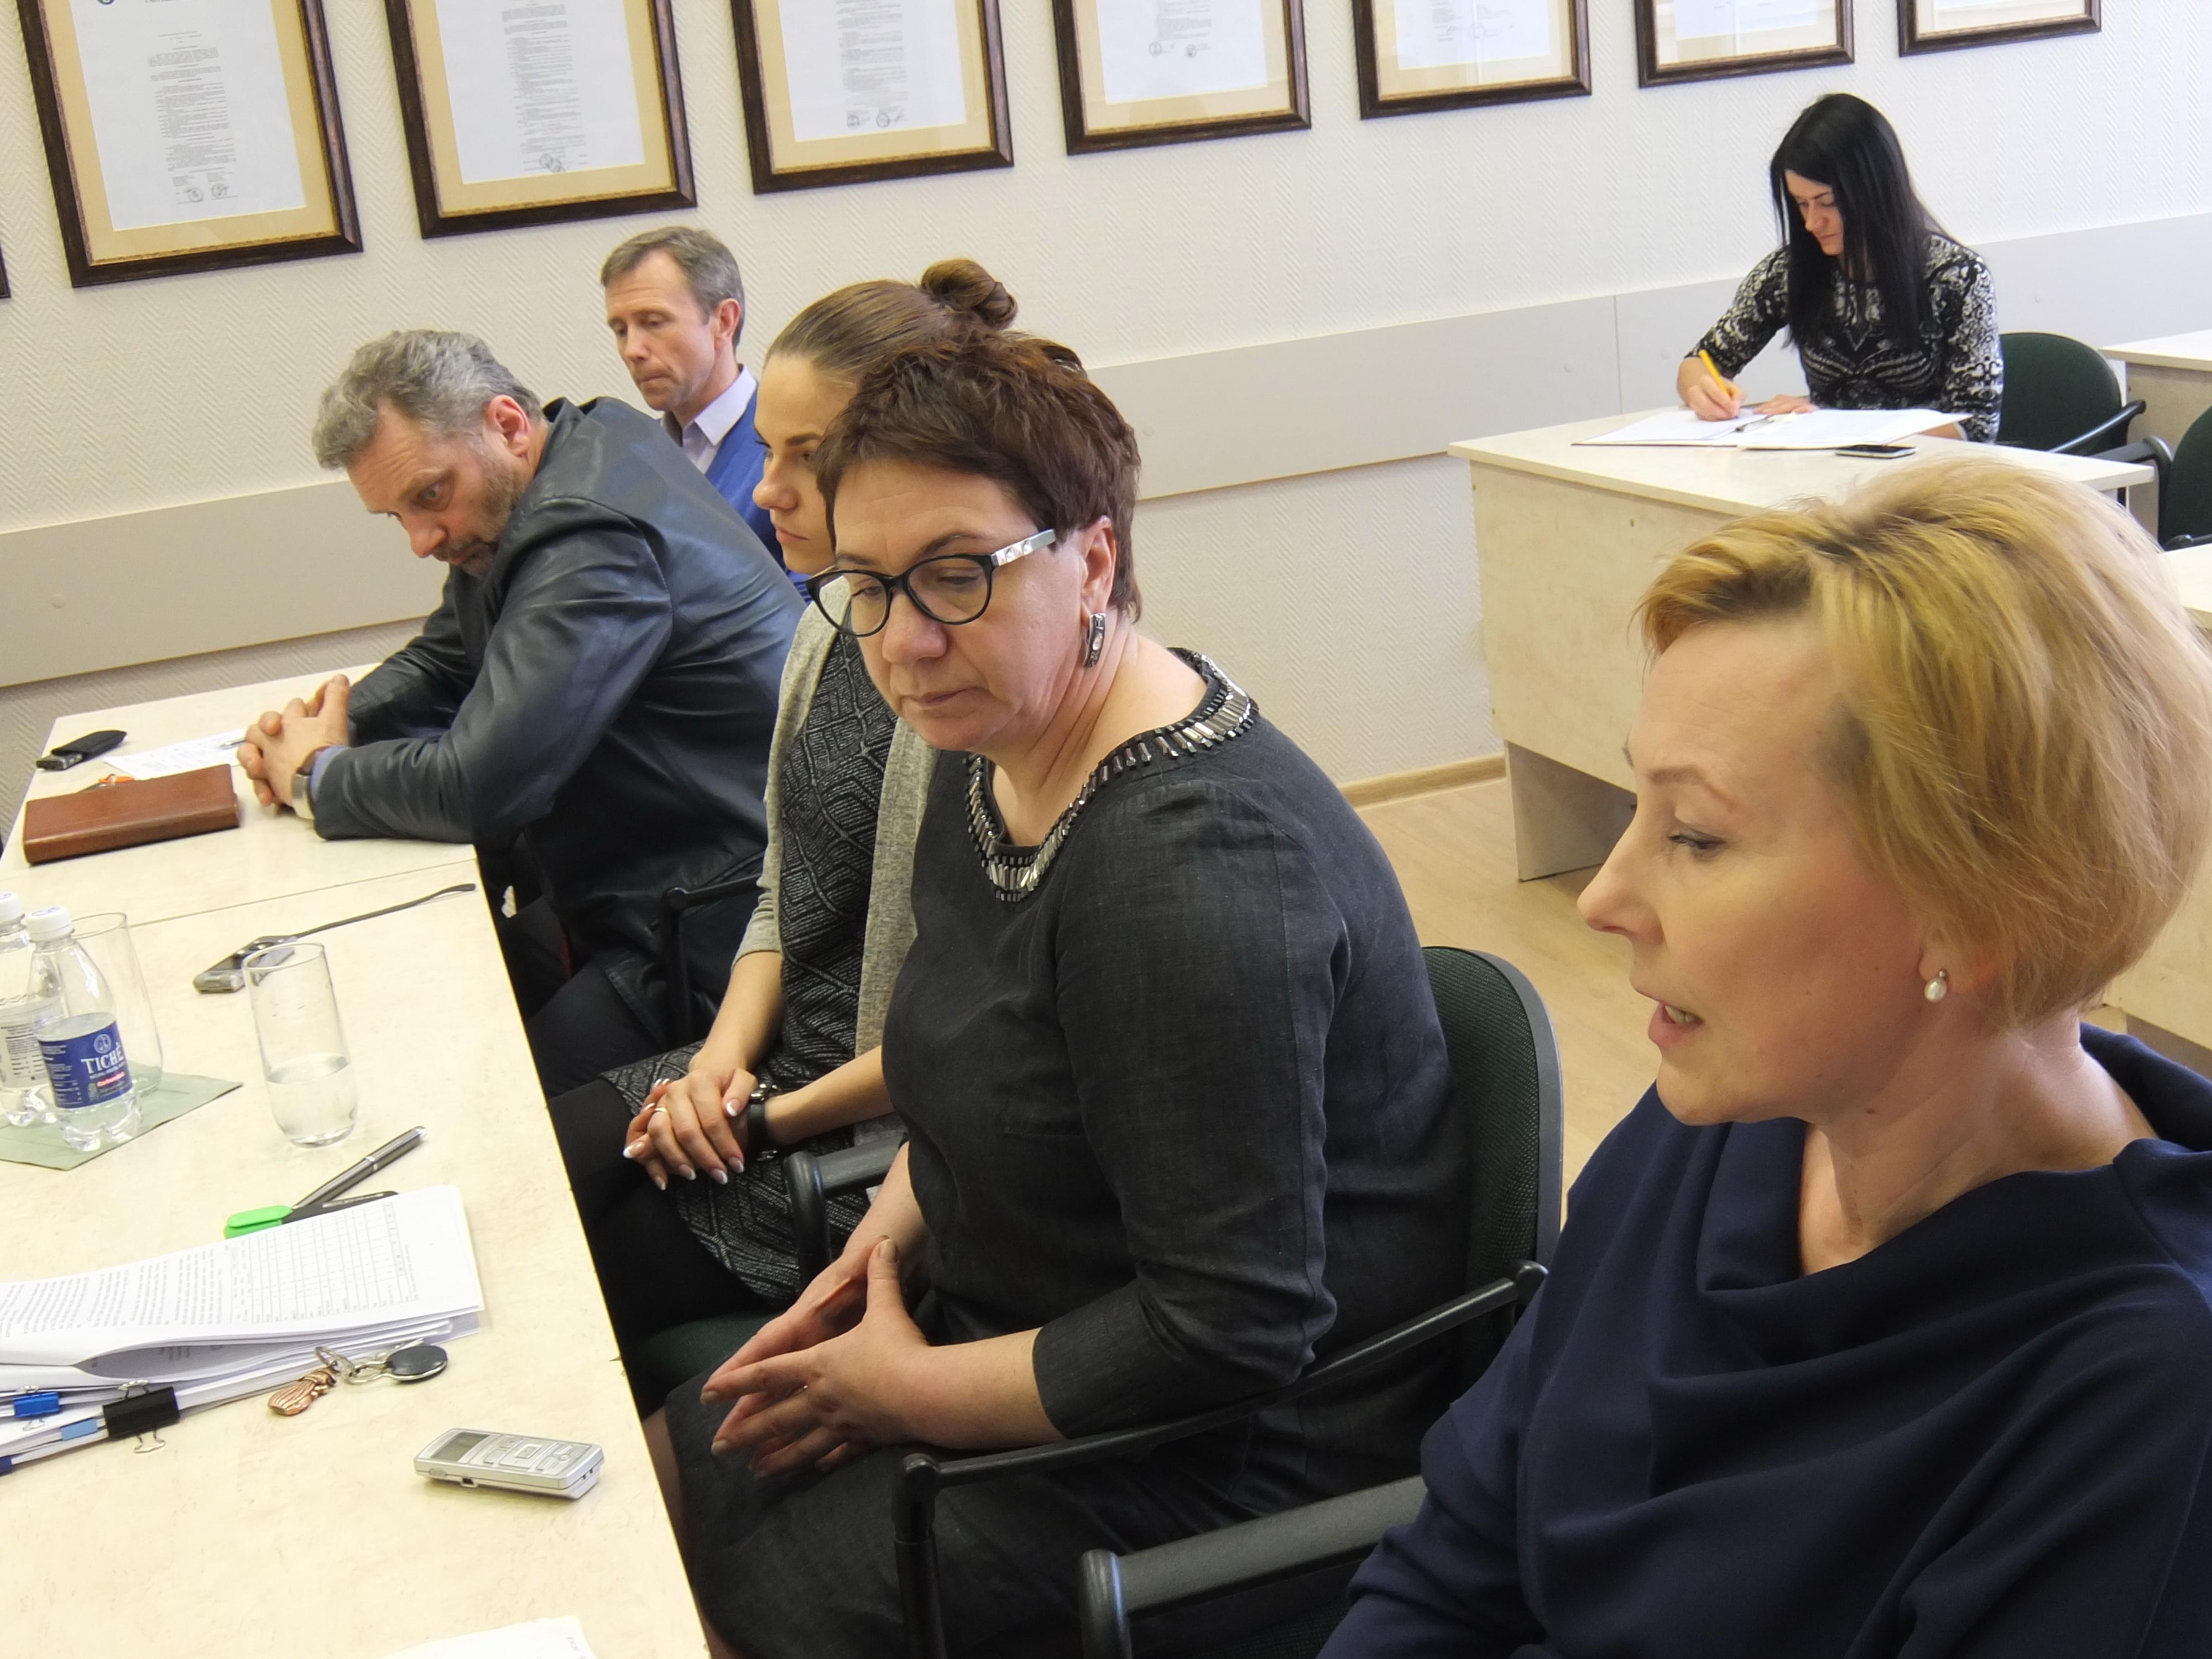 Savivaldybės Socialinių paslaugų poskyrio vedėja Audronė Barauskienė (centre) abejojantiems socialinės rizikos asmenų globa priminė, kad nelaimių atvejais pirma domimasi, ar tinkamai pareigas atliko socialiniai darbuotojai.